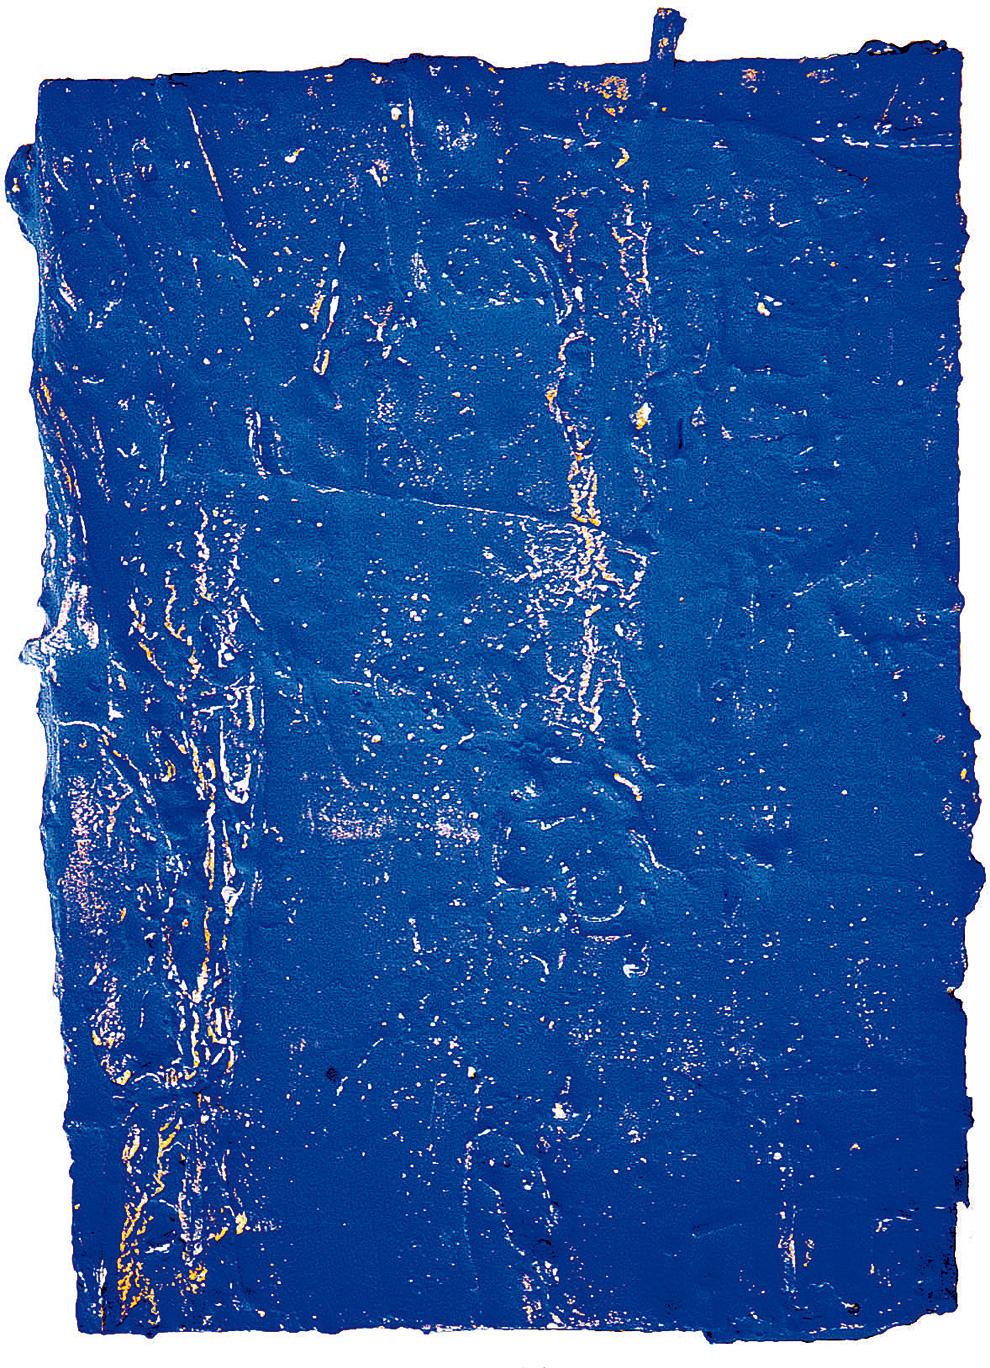 《古裂—蓝》--54.4x40x5.6cm--木质构造、麻纸、矿物·植物·土质颜料、箔--2002年.jpg